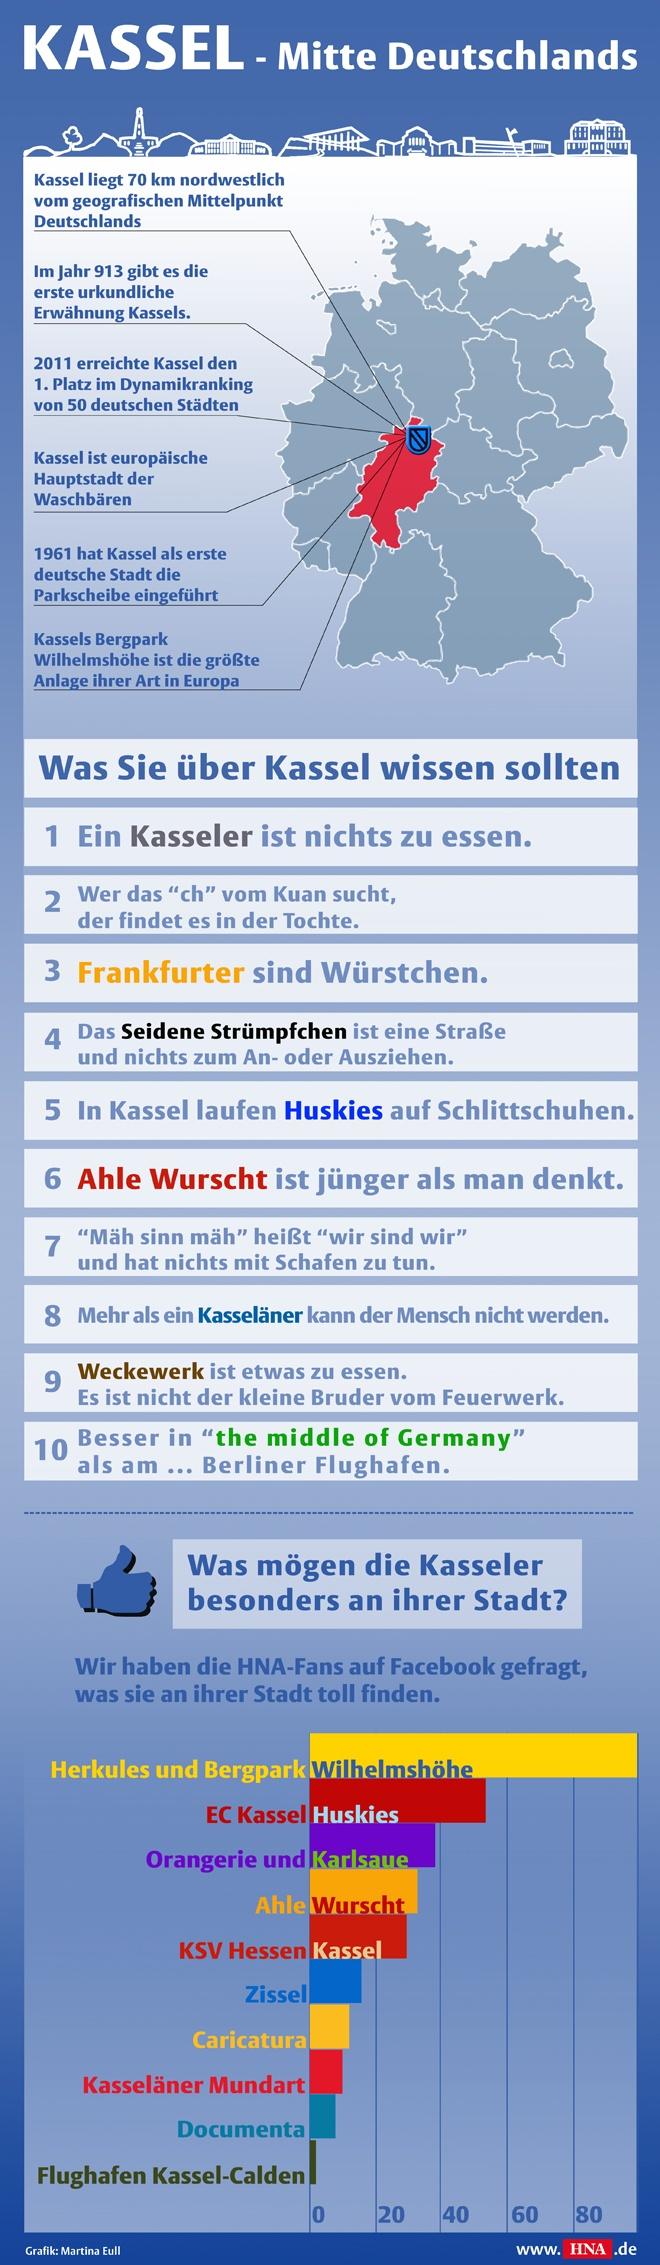 Kassel - Mitte Deutschlands (Infografik)